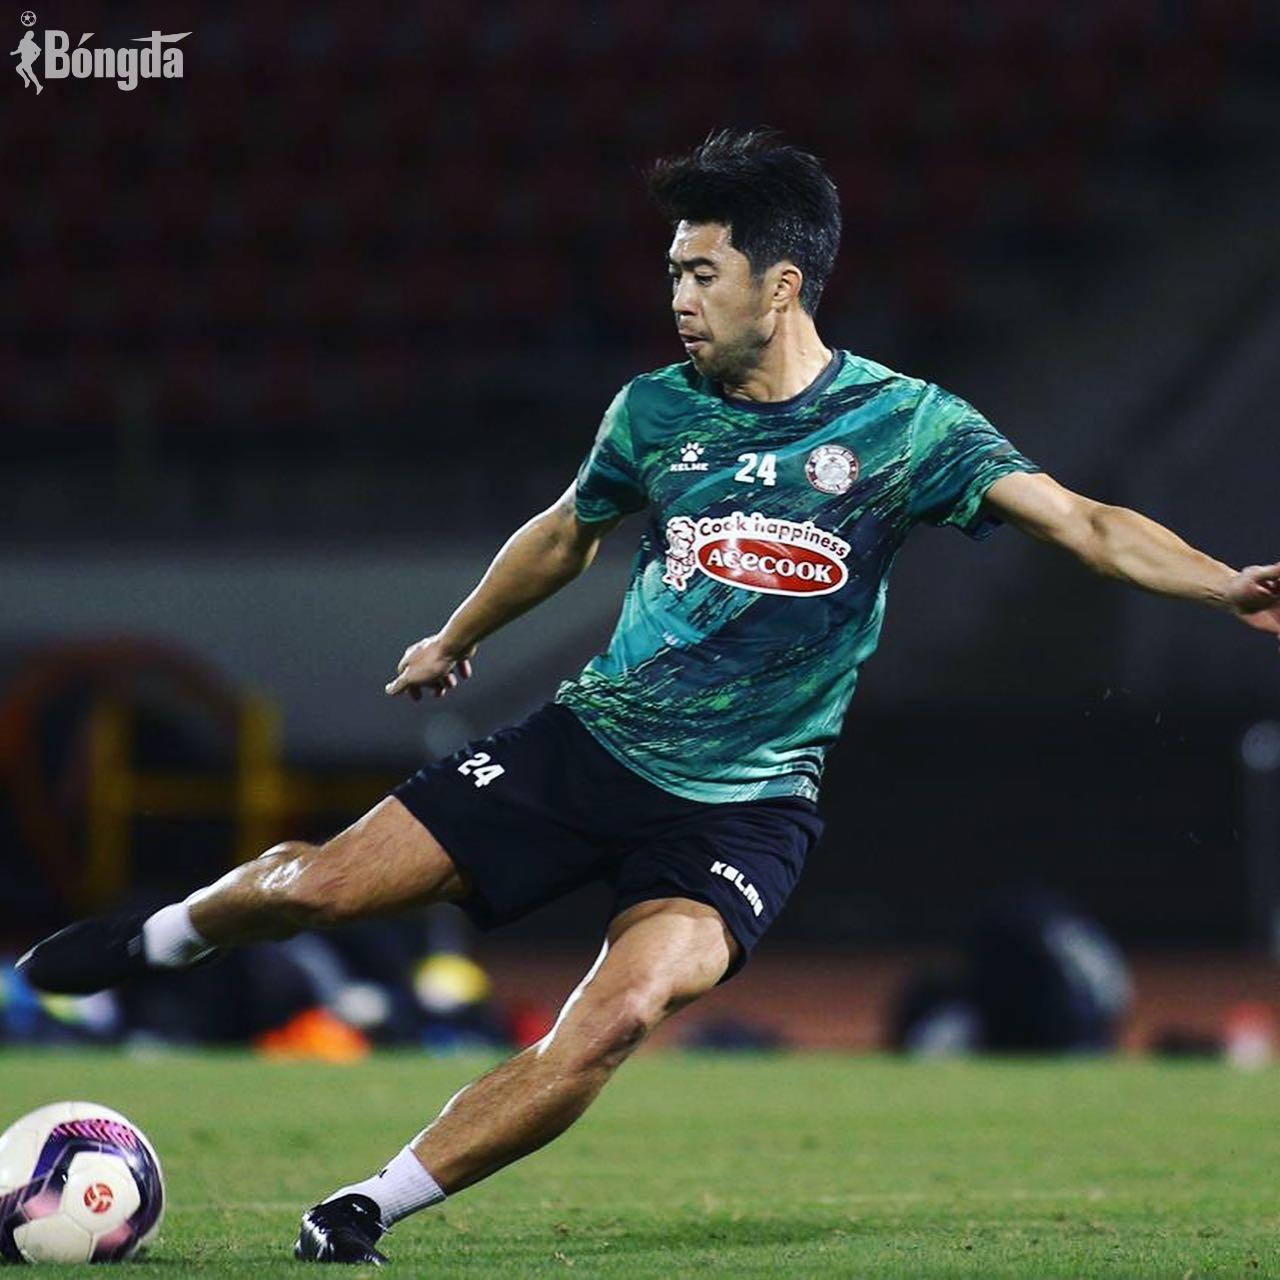 """Lee Nguyễn và """"sợi dây tơ hồng"""" gắn kết với V-League"""